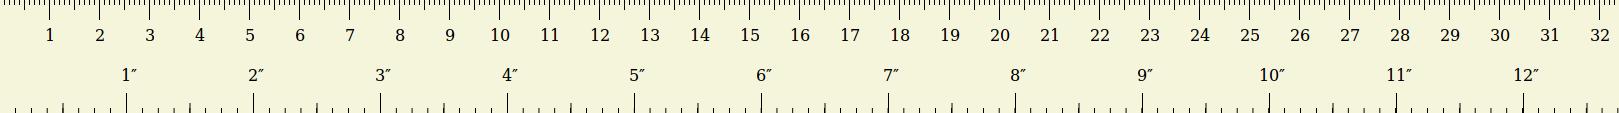 Χάρακας με τα δύο συστήματα μέτρησης: Μετρικό (χιλιοστά) και Αγγλικό (ίντσες)